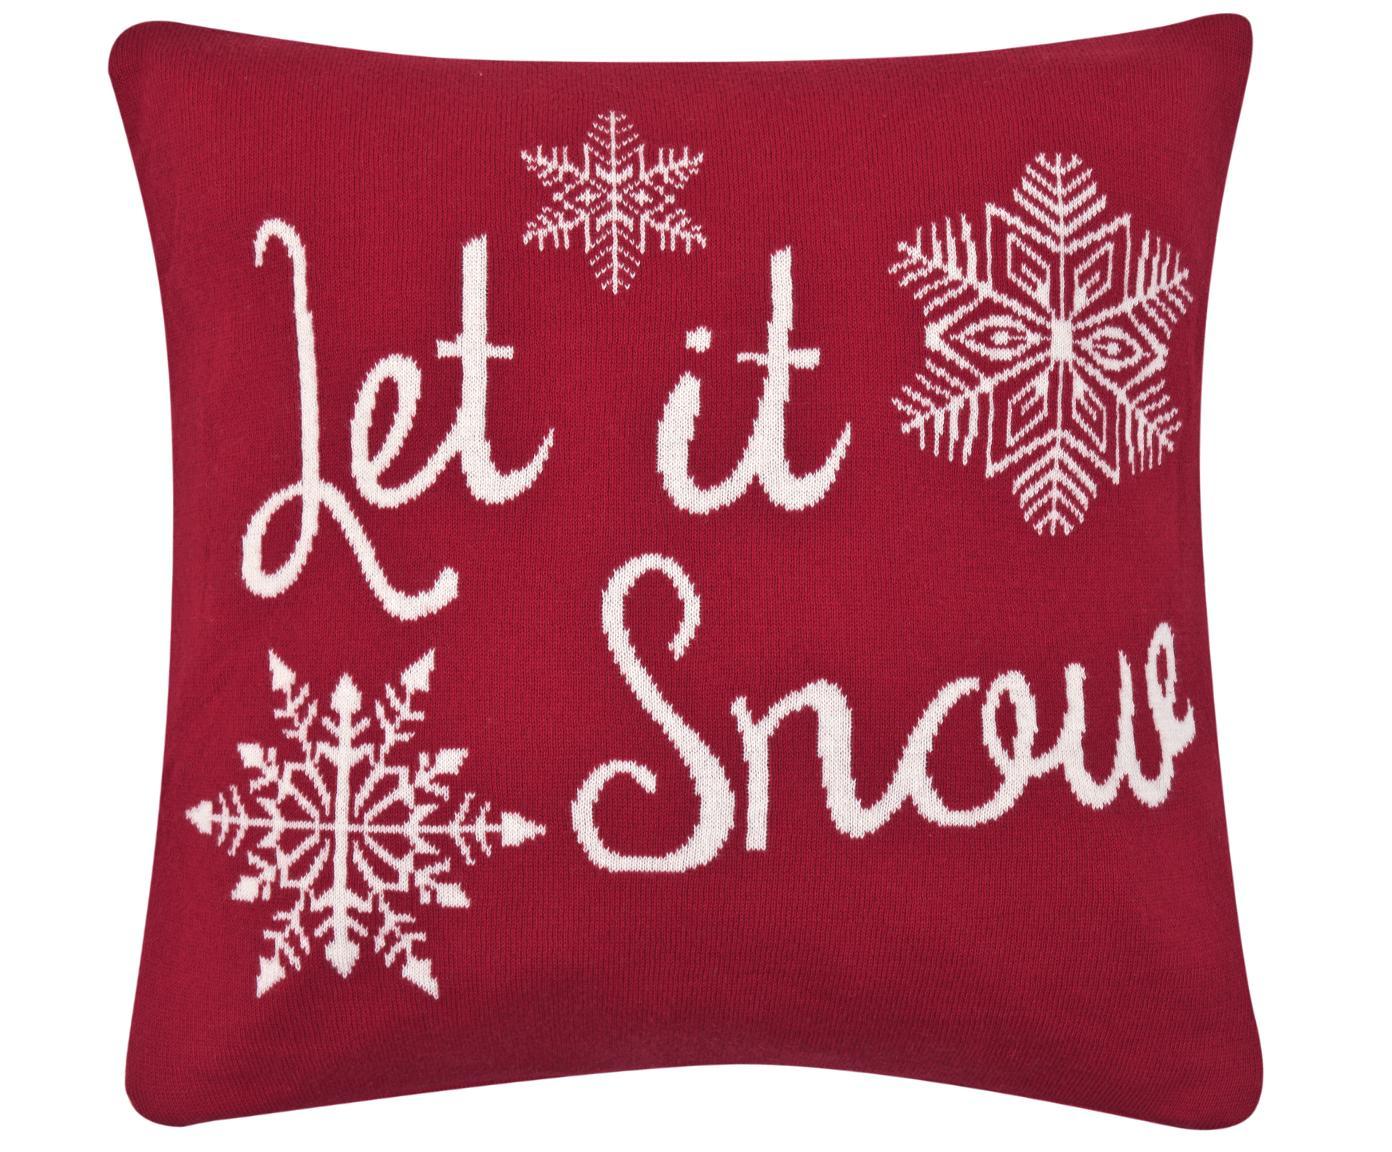 Gebreide kussenhoes Let it Snow, 100% katoen, Rood, crèmewit, 40 x 40 cm